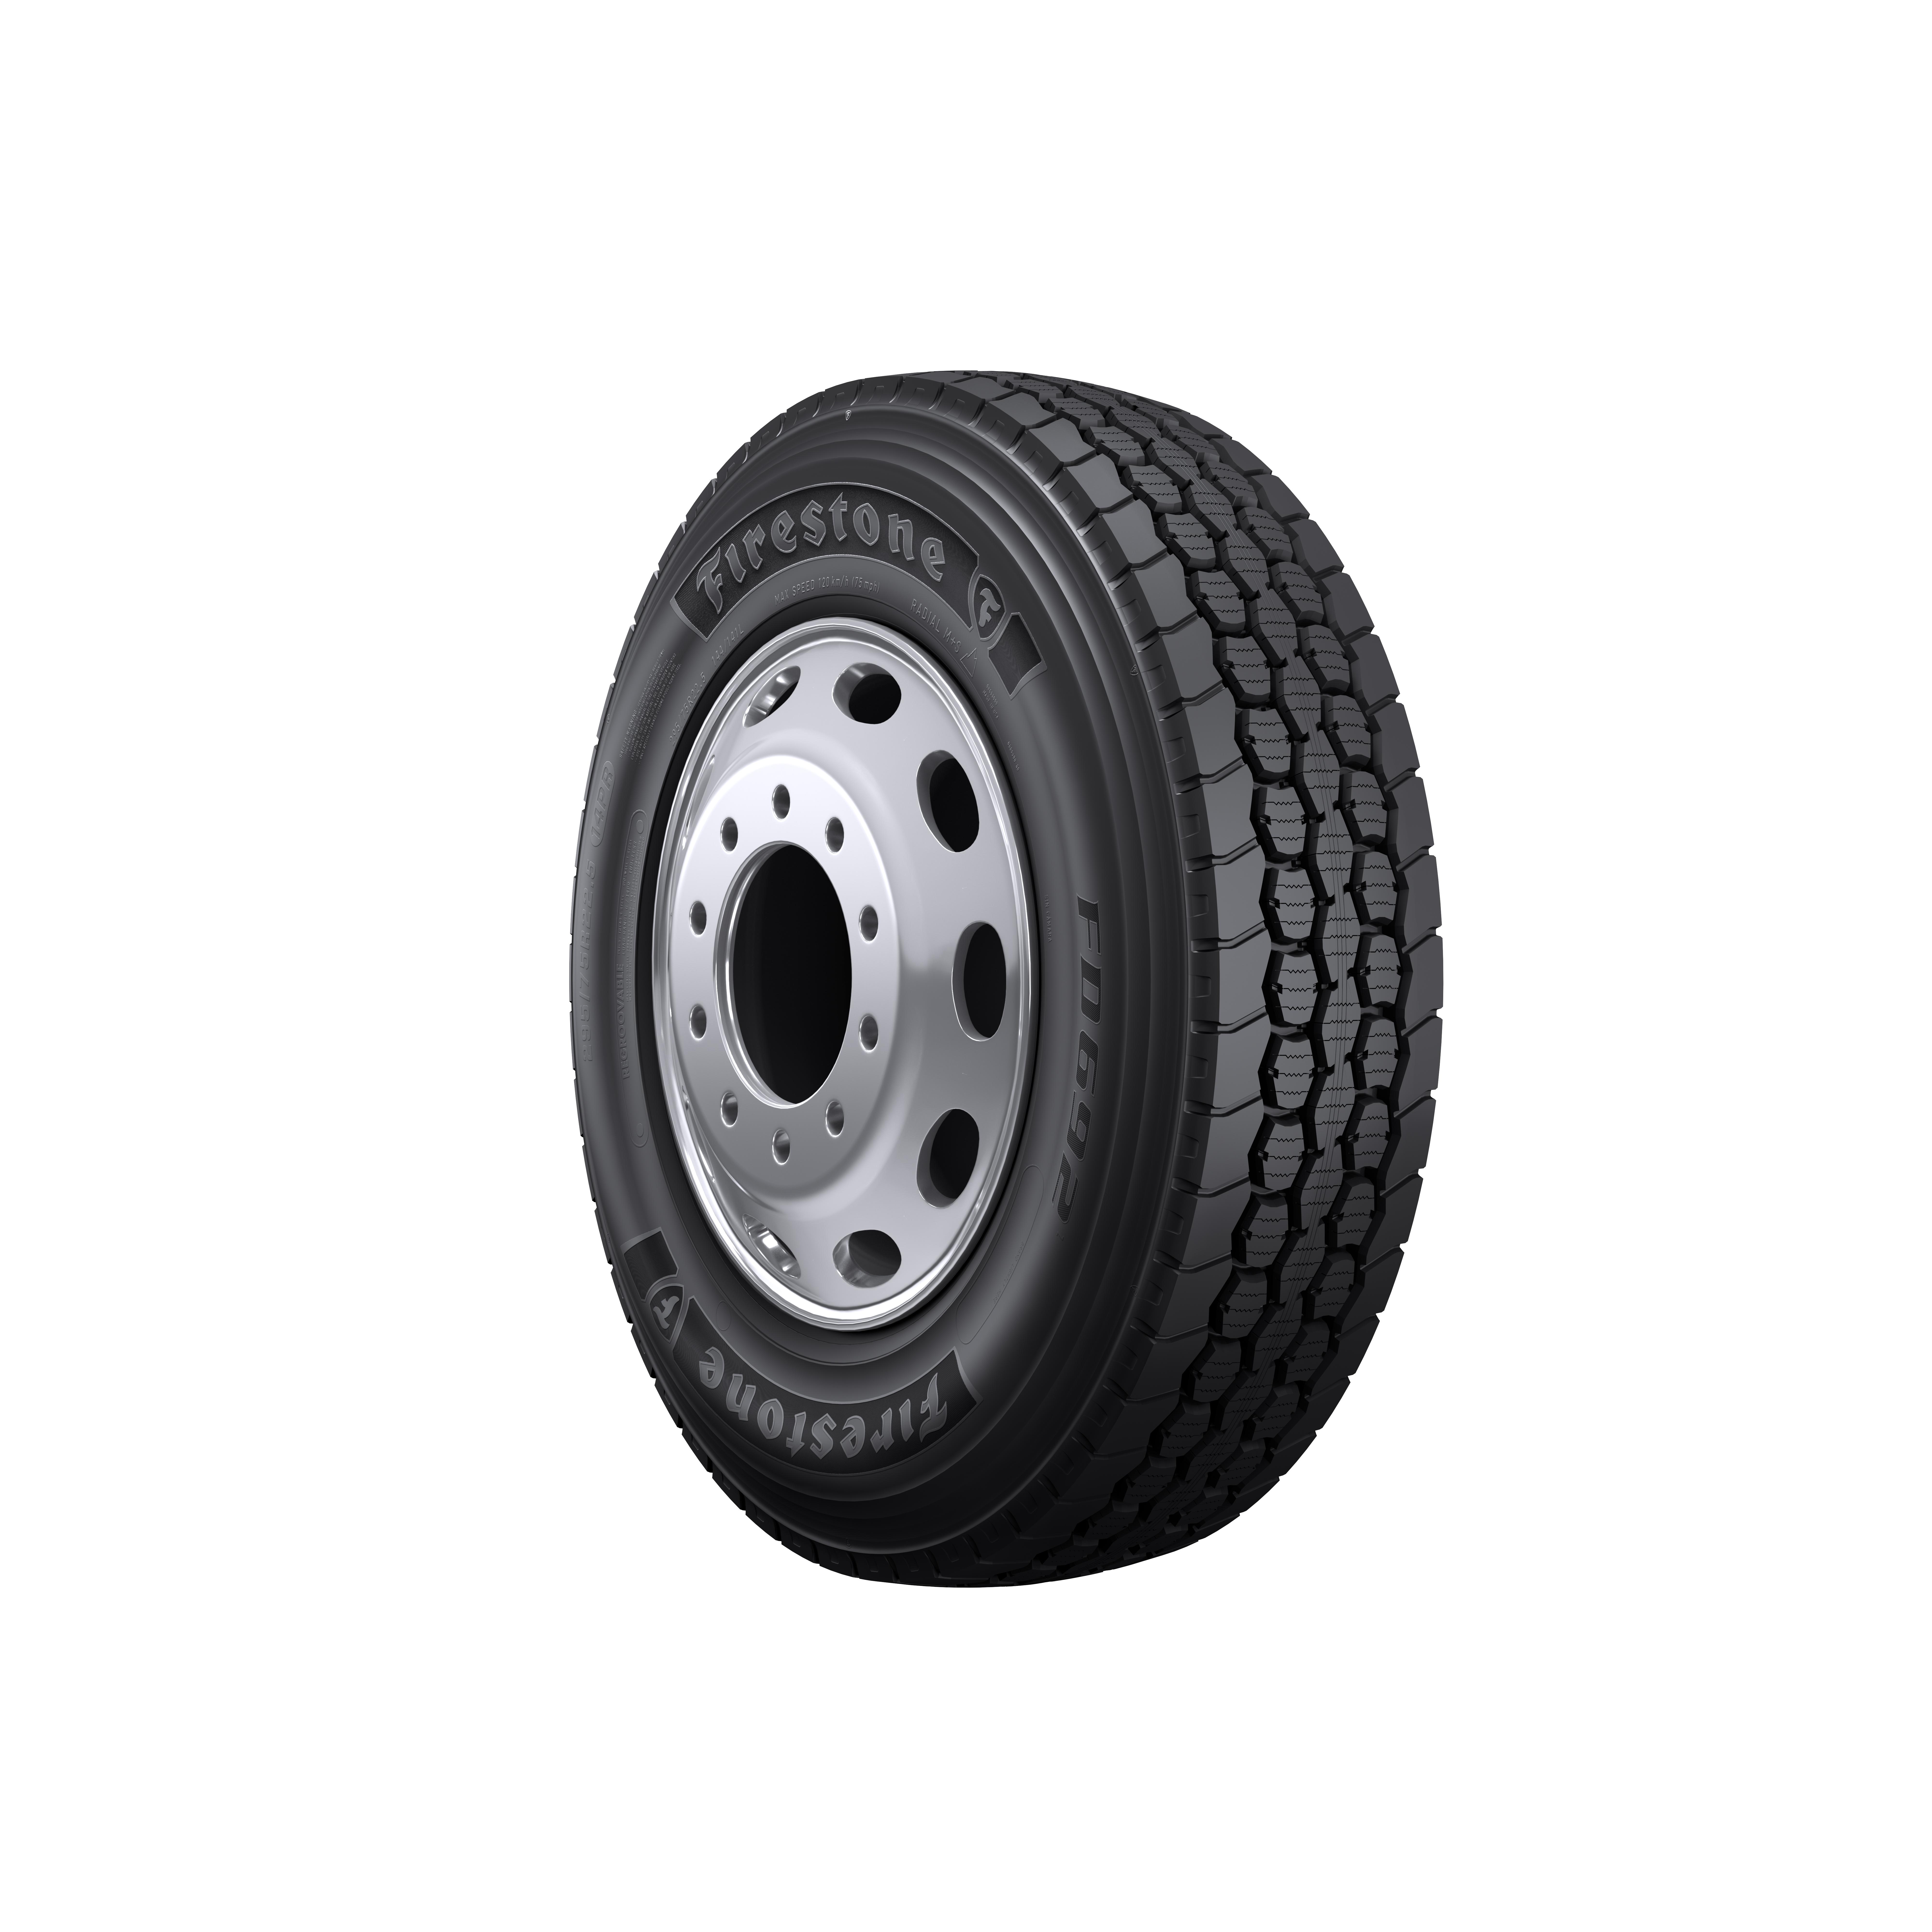 Bridgestone Adds Firestone FD692 to Truck Tire Lineup